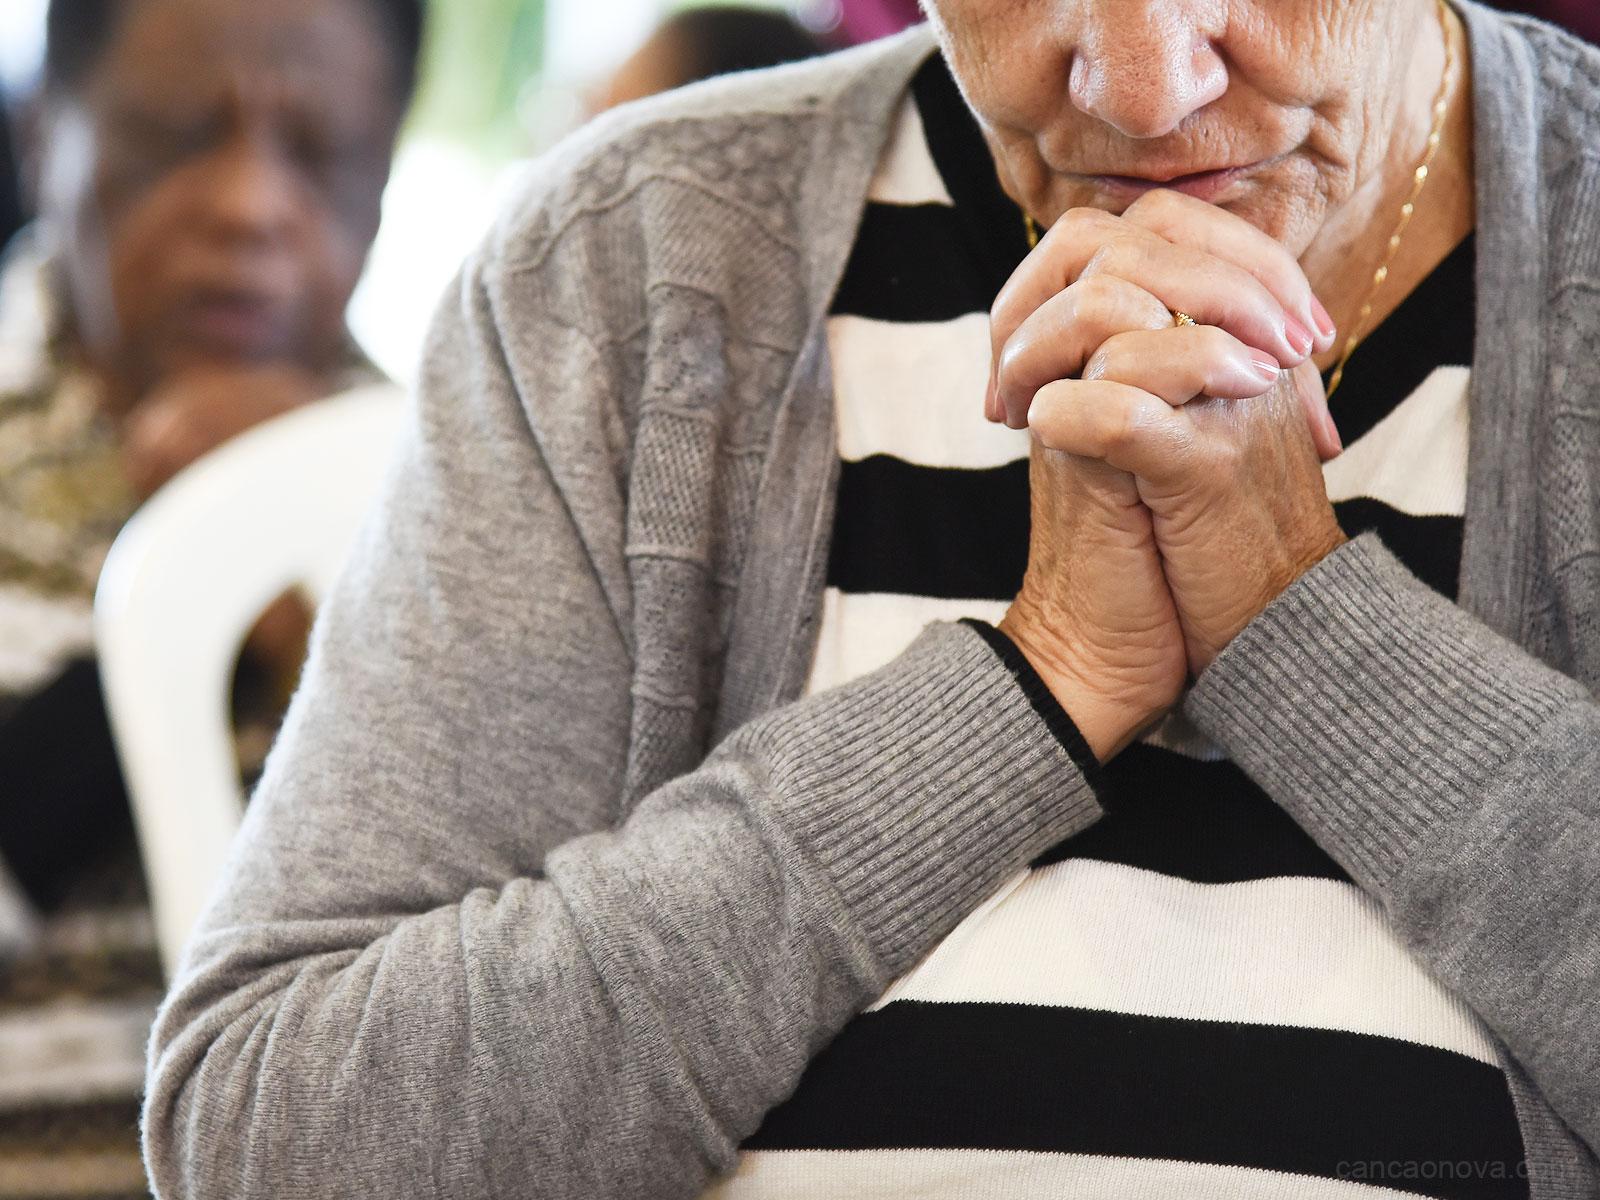 Afinal, o que é a oração